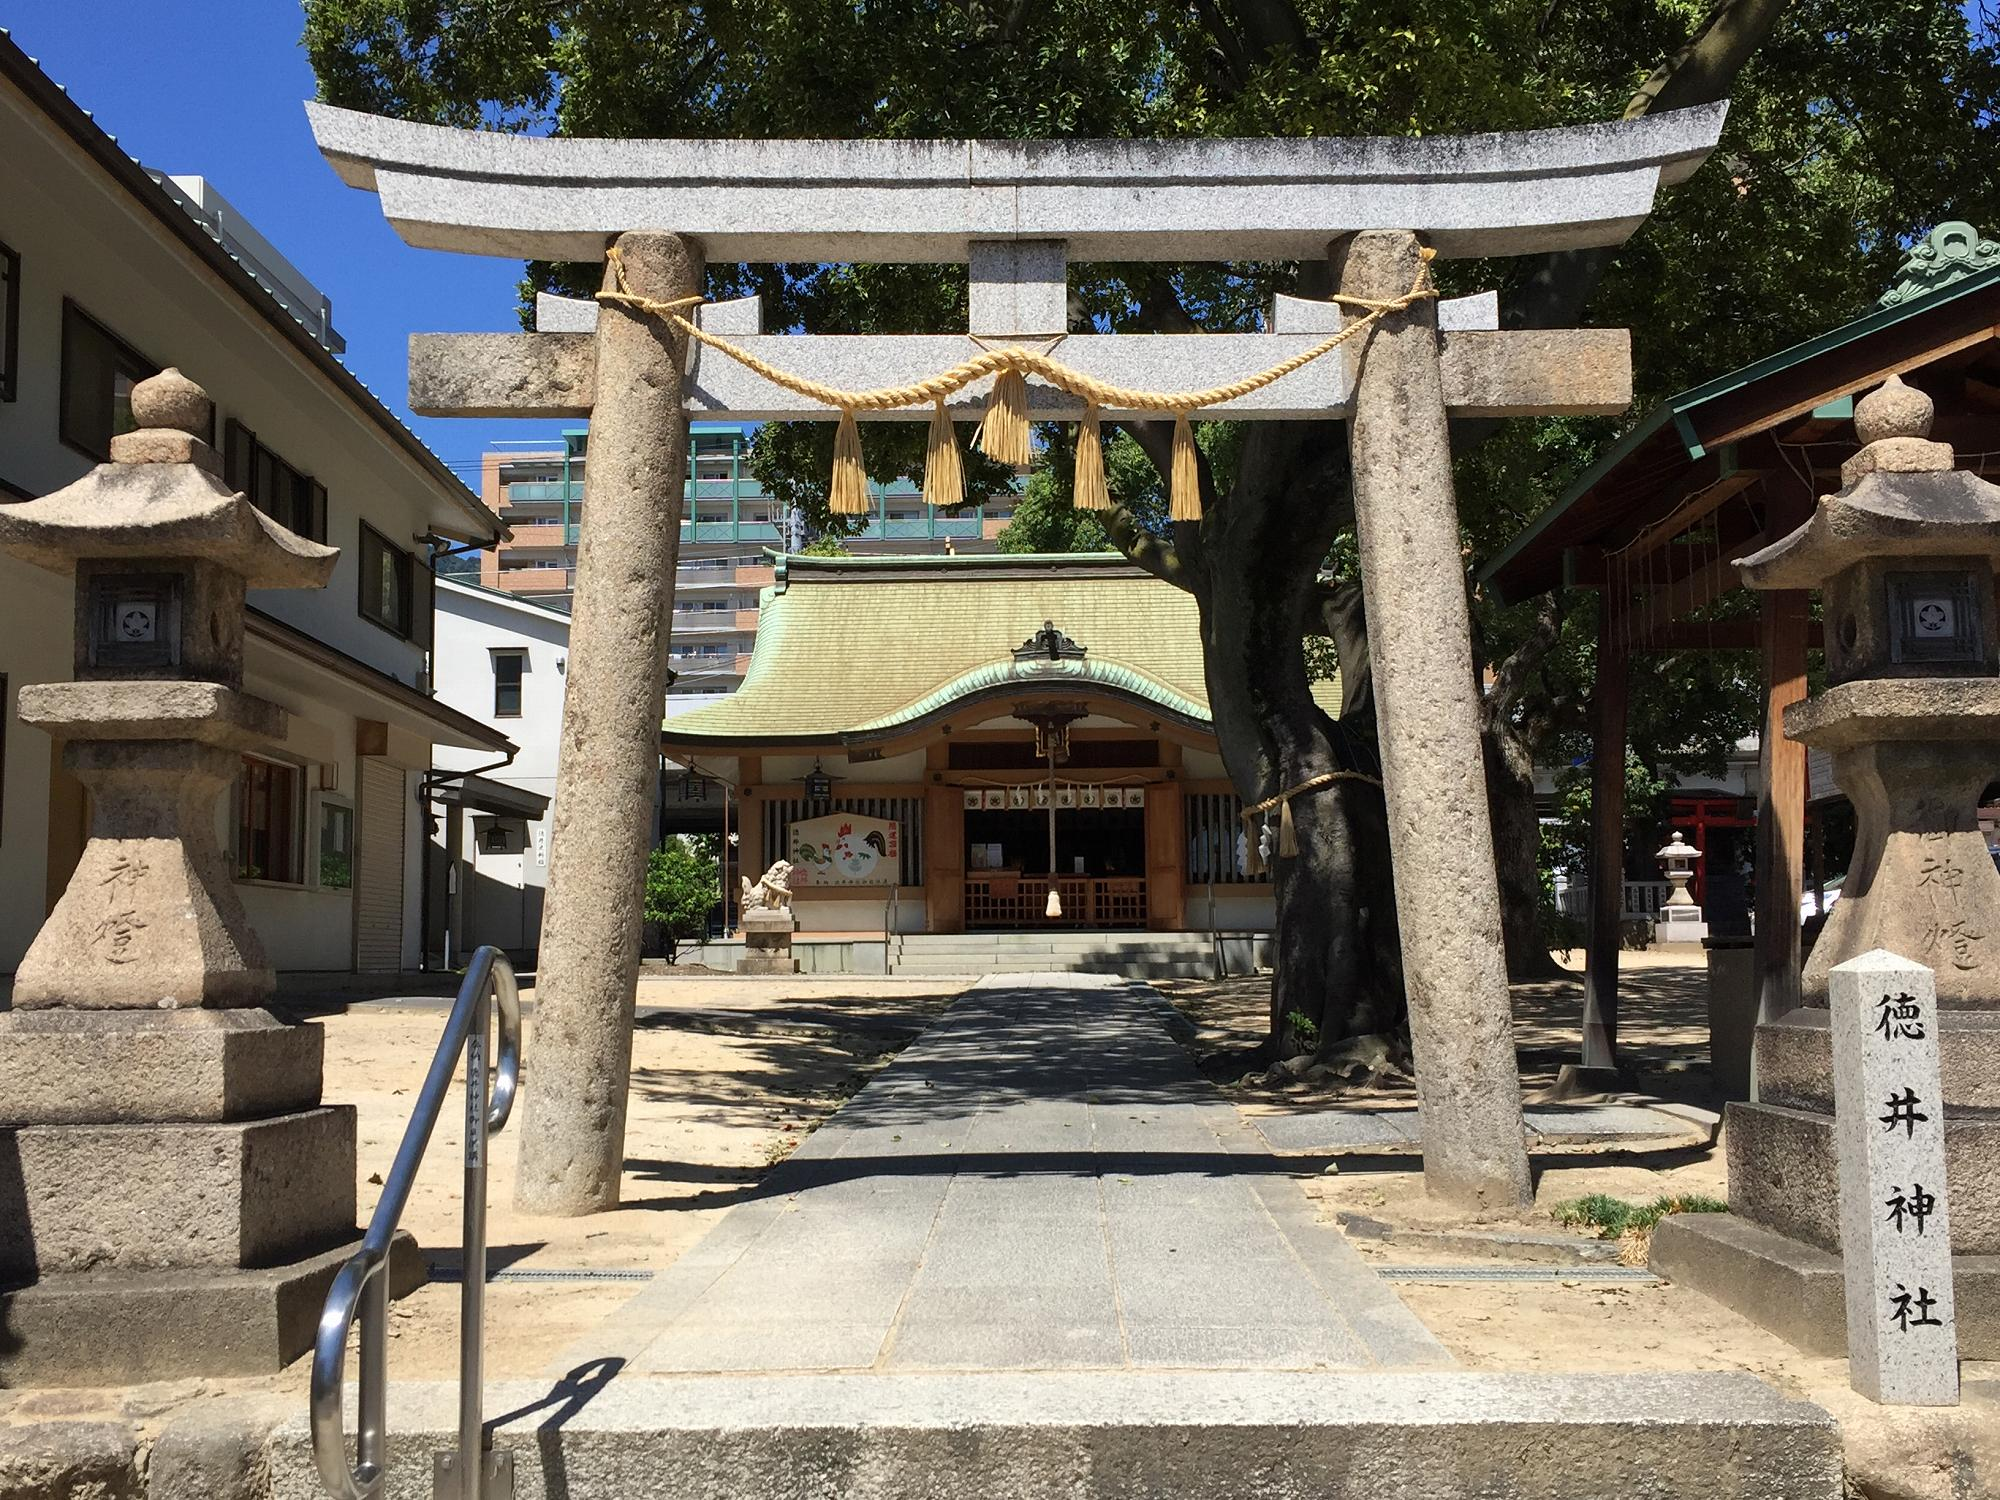 神戸・灘にある「徳井神社」へお参りしてきた! #神社めぐり #開運散策 #灘区